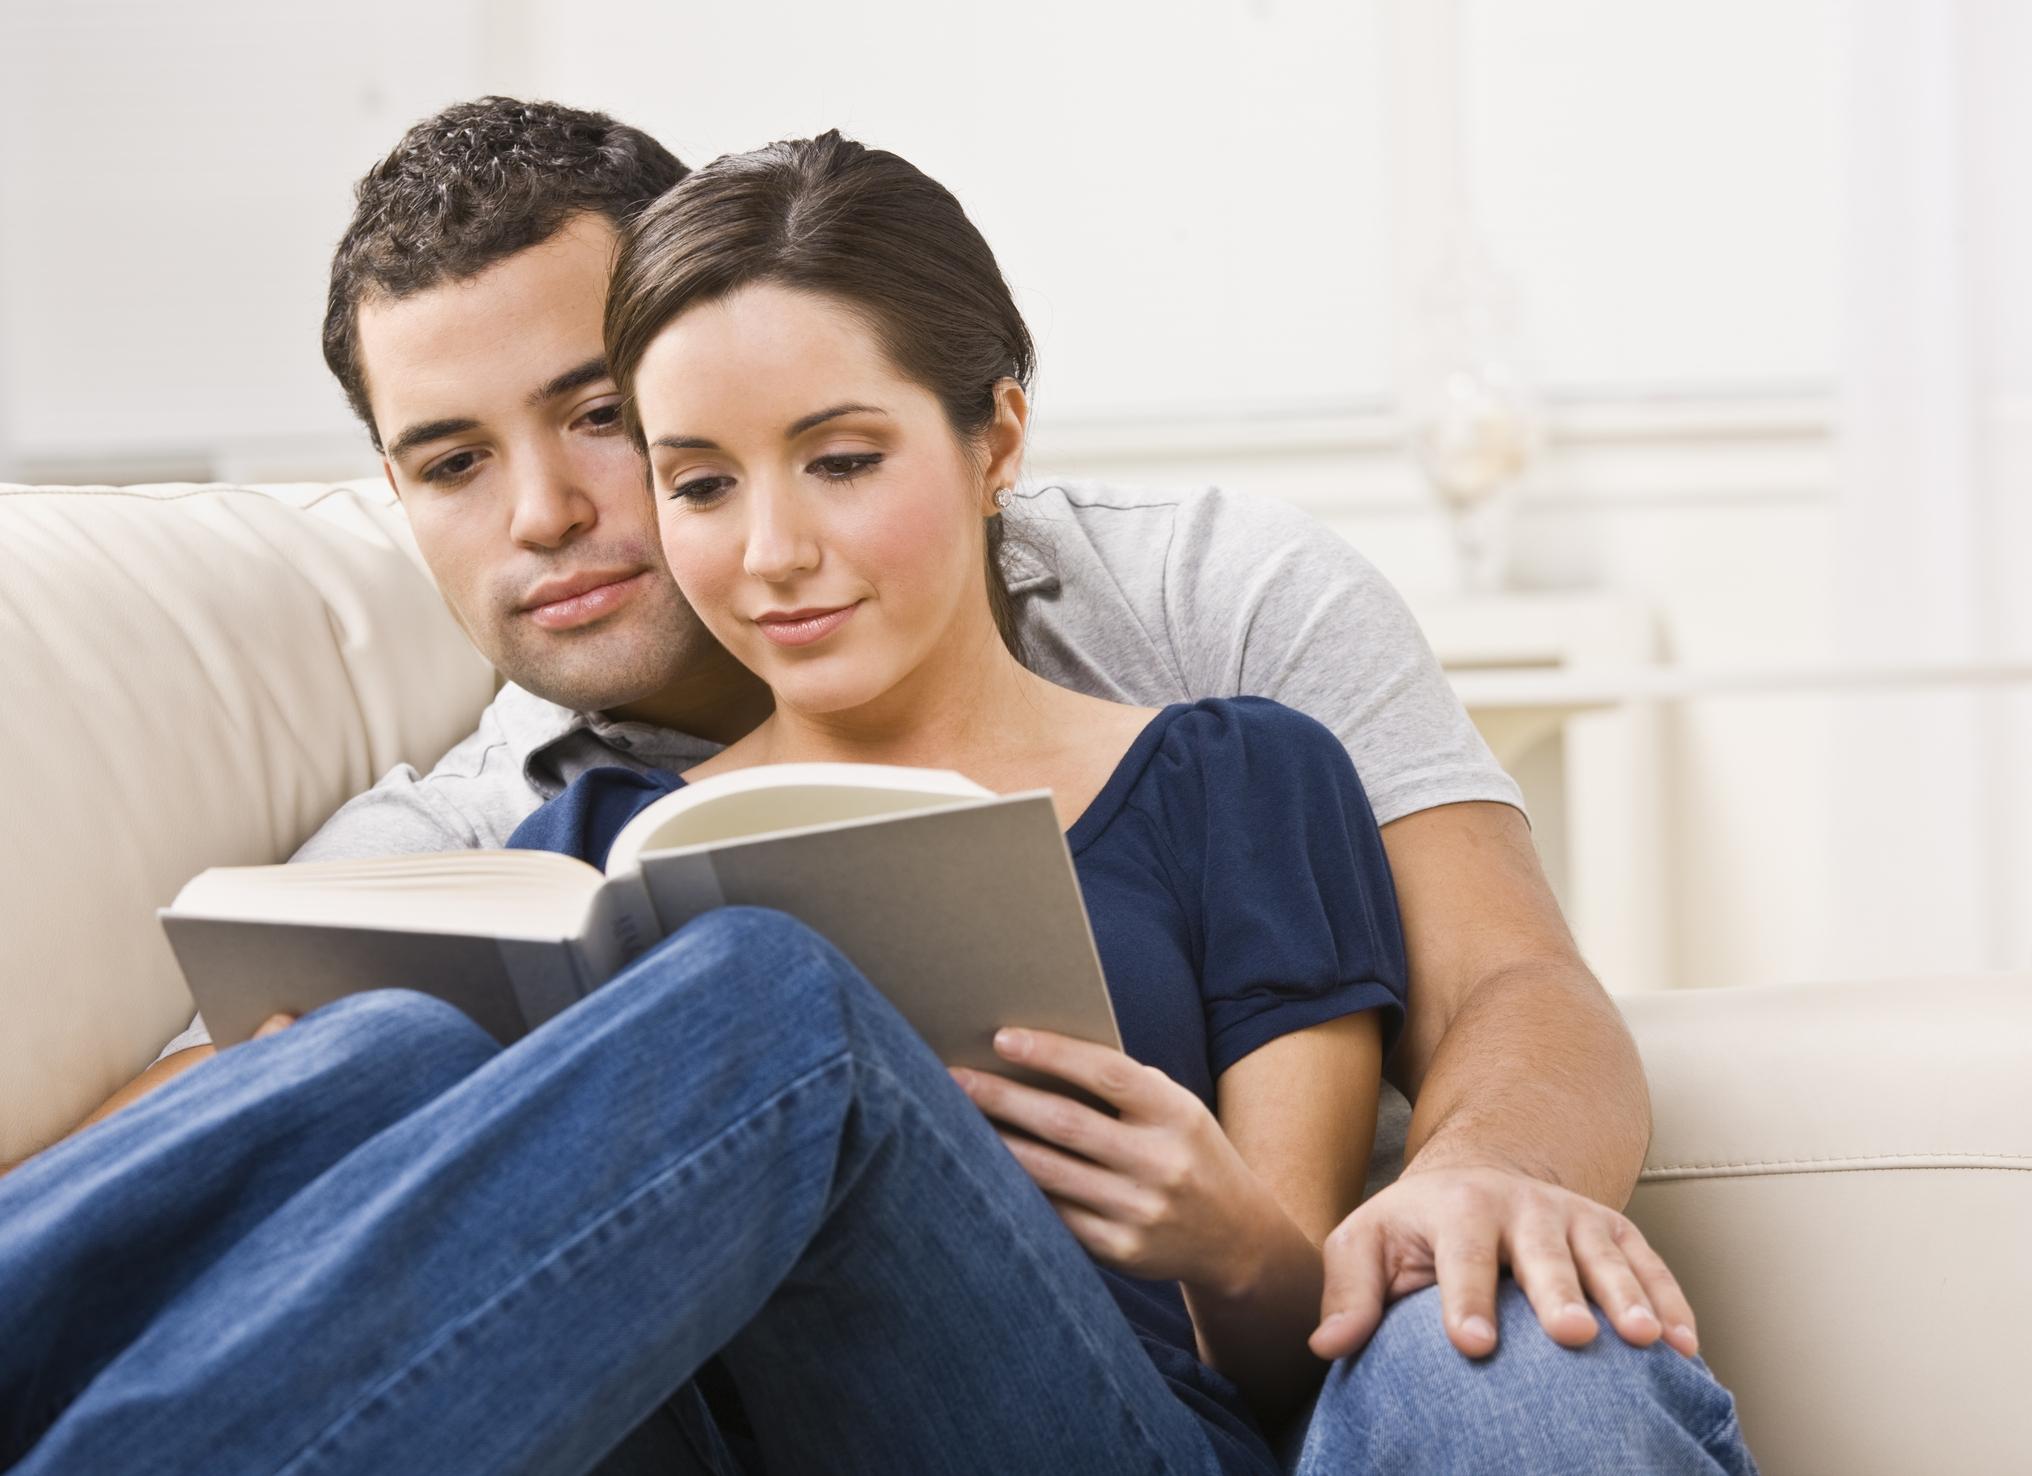 Ффото девушек на фиване читающих книги 21 фотография